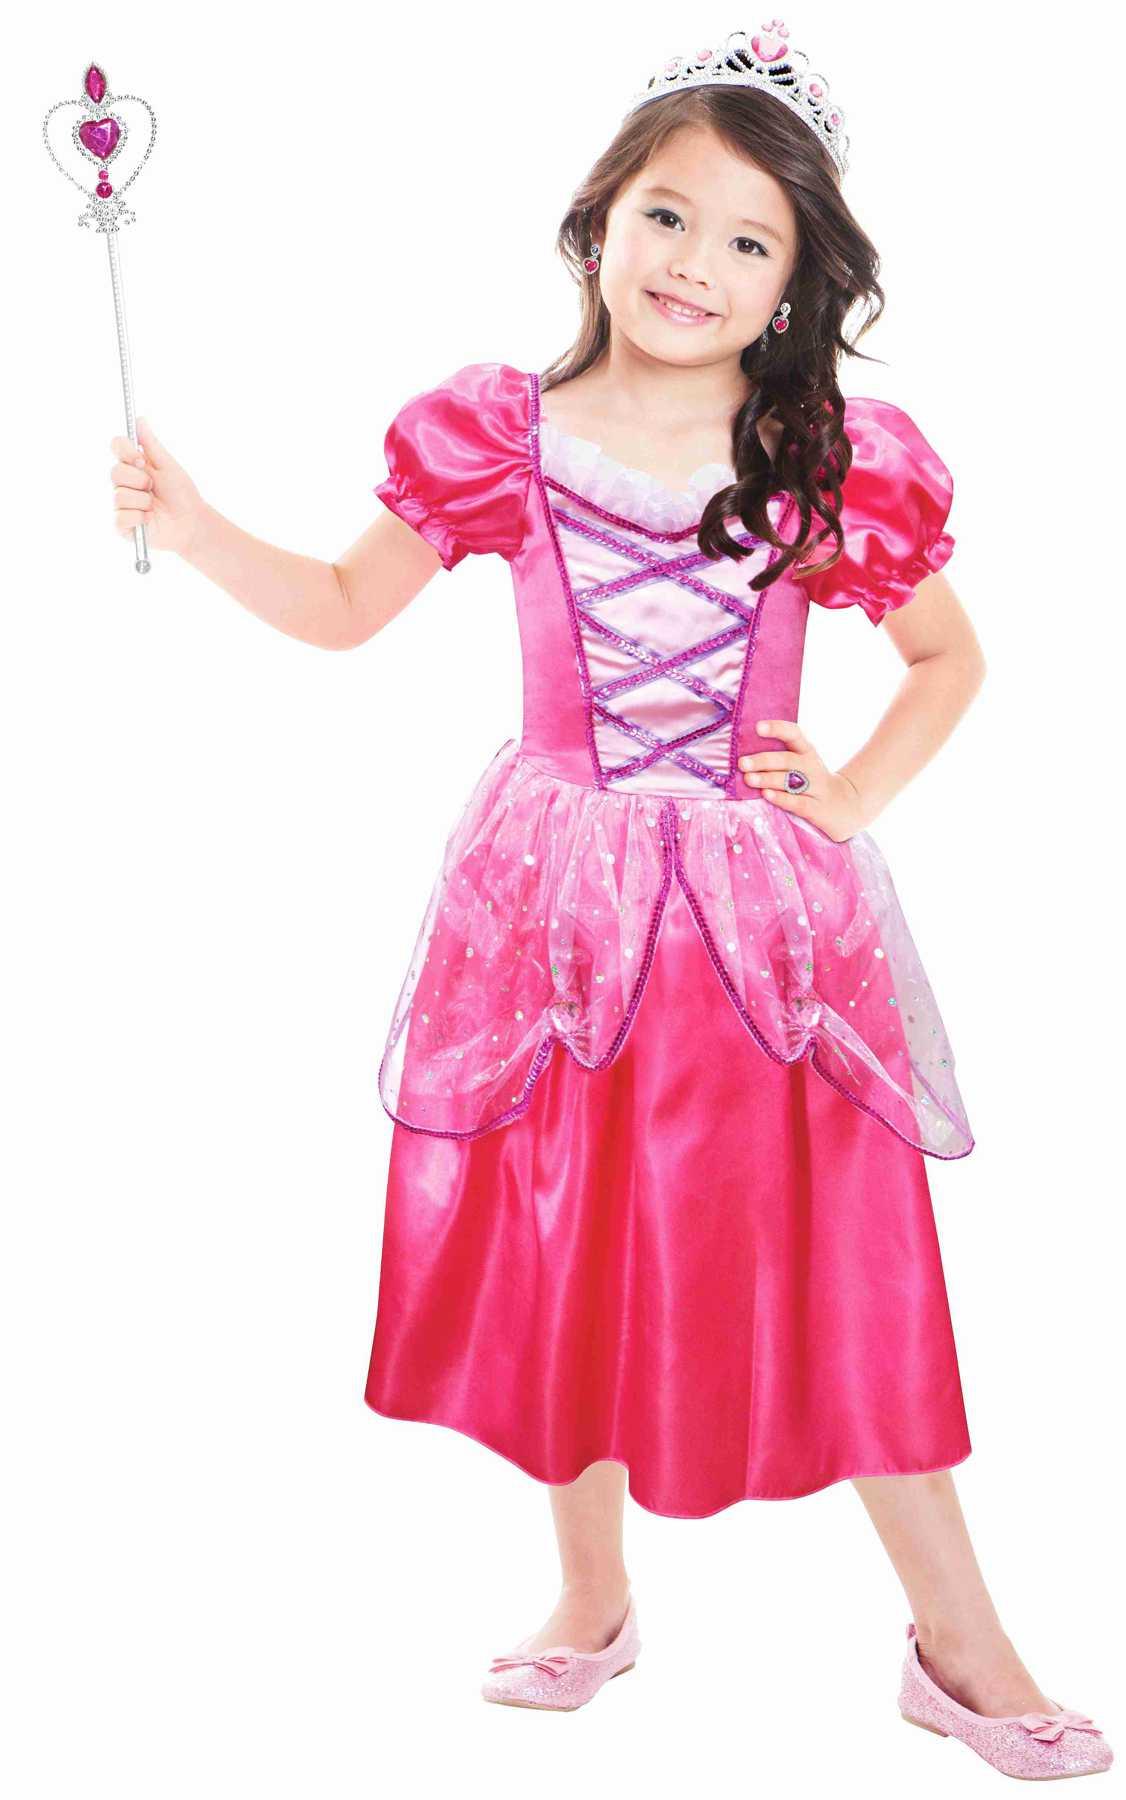 Dětský kostým - Růžová princezna 3-6 let, 96-116cm